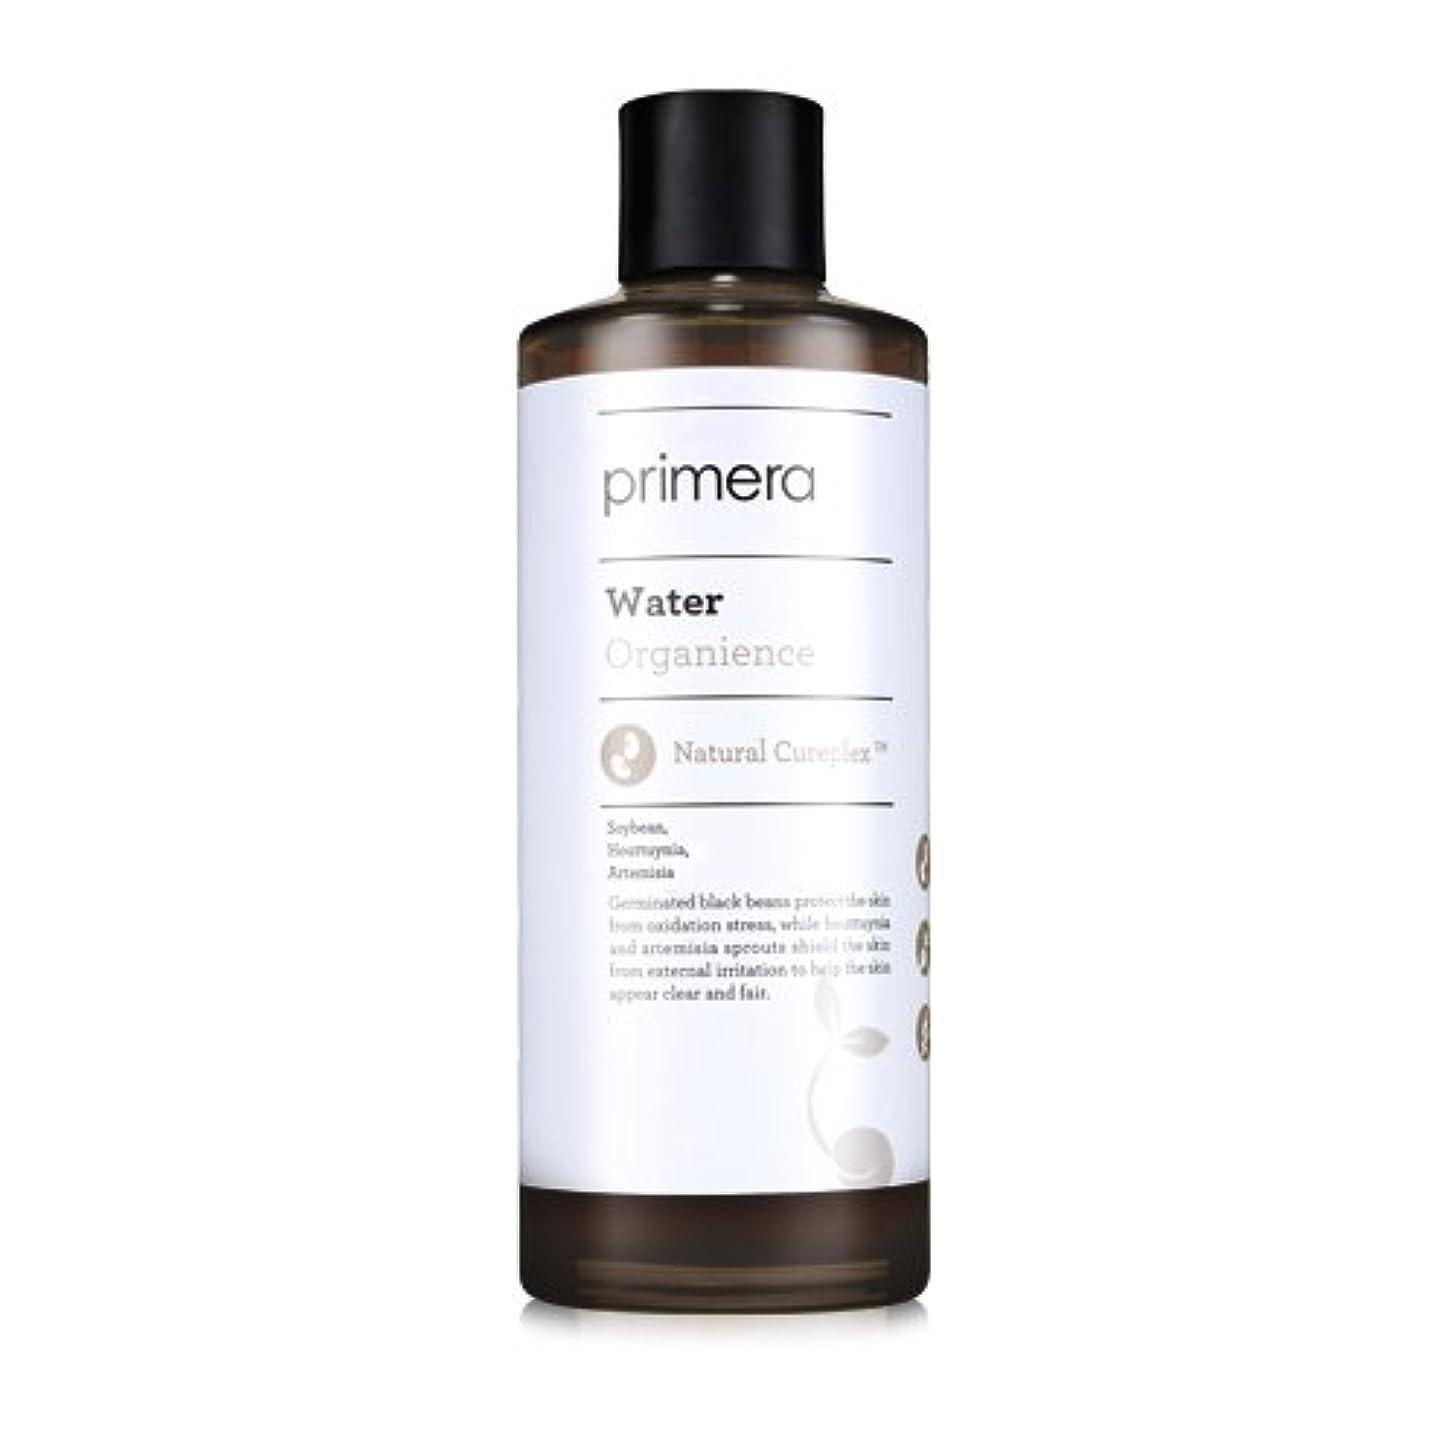 許さない権限を与えるくまPRIMERA プリメラ オーガニエンス エマルジョン(Organience Emulsion)乳液 150ml